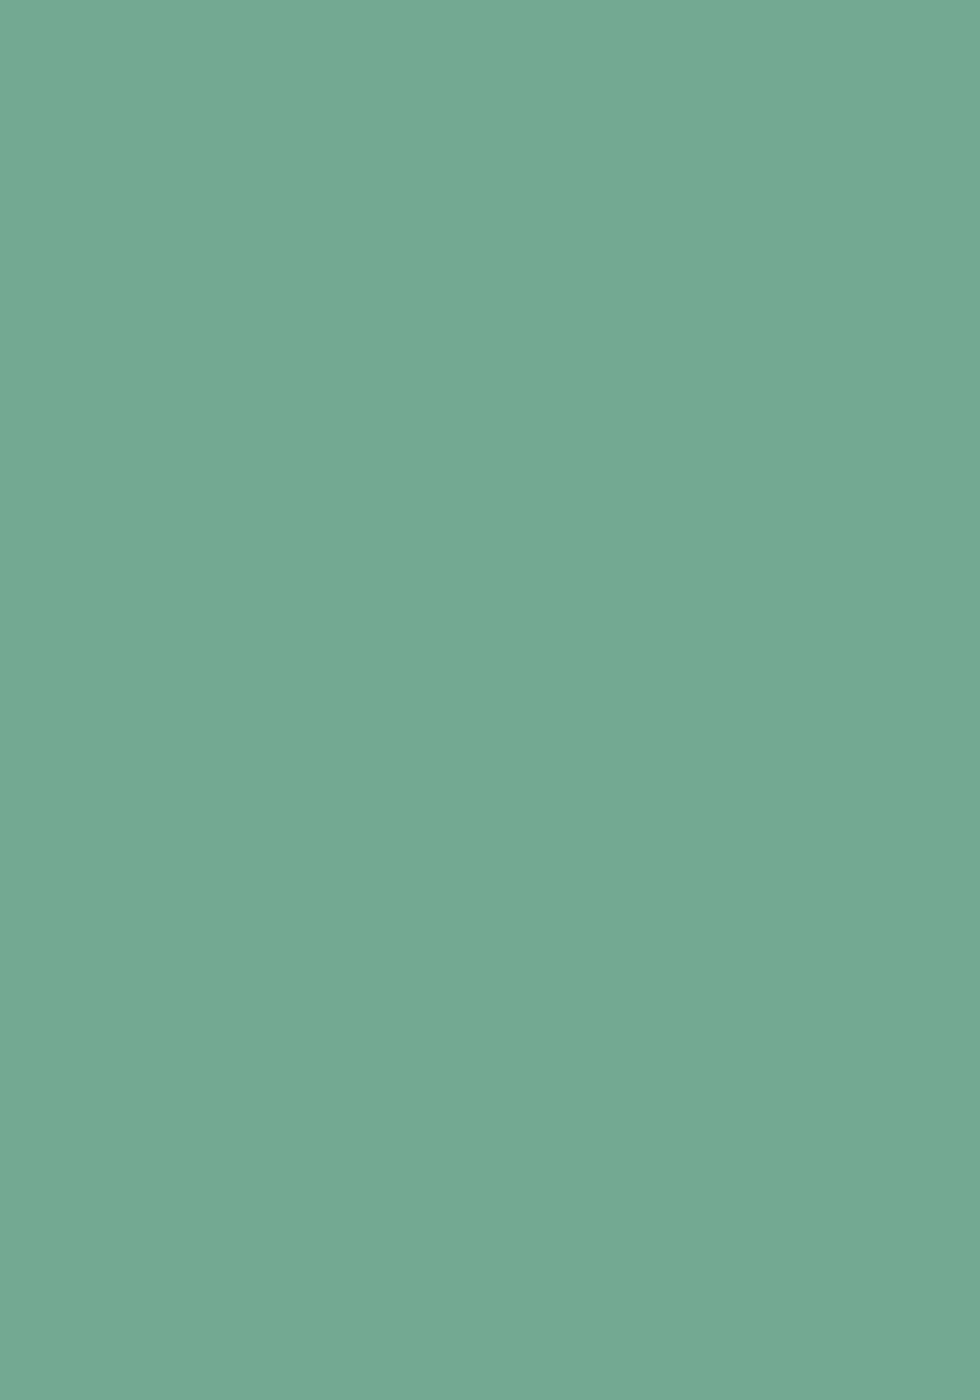 014 dusty mint